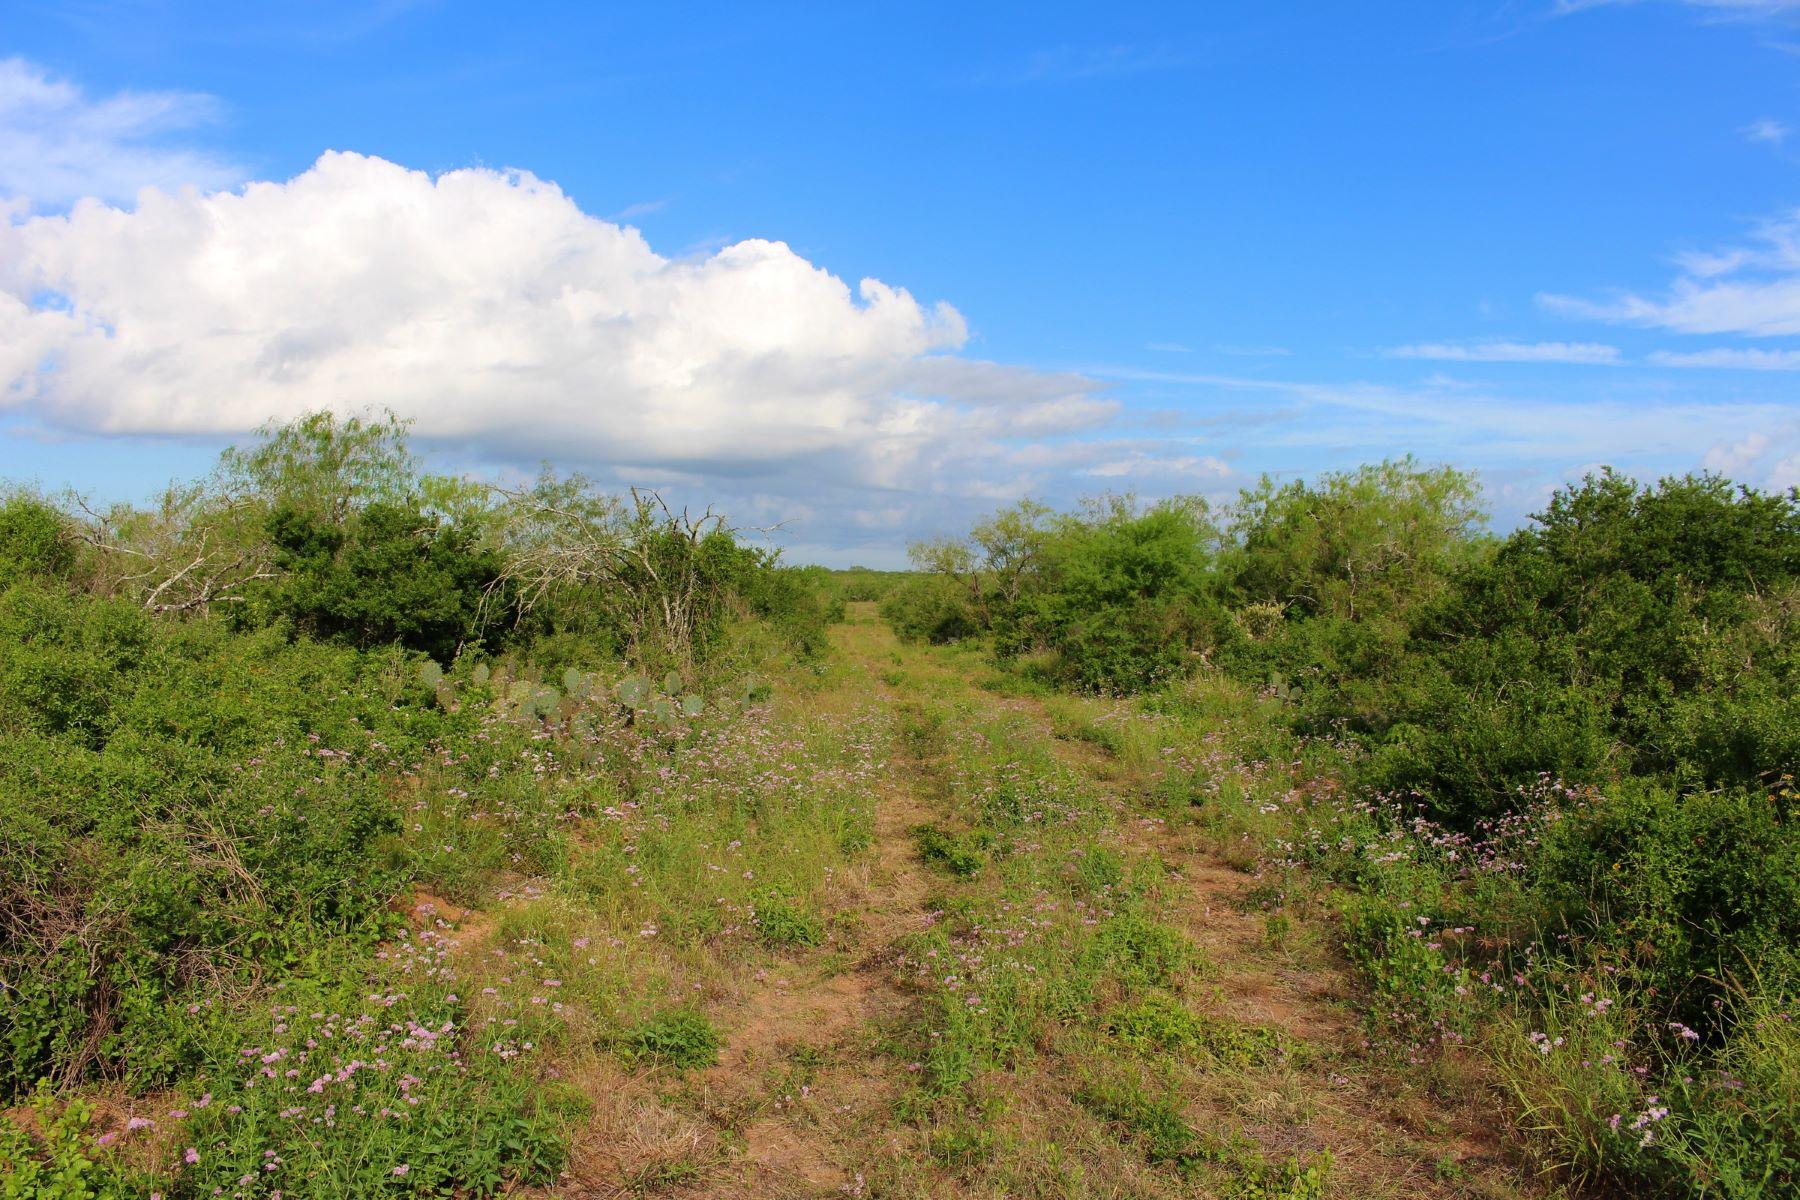 Ферма / ранчо / плантация для того Продажа на 239+/- Acres / Duval County, San Diego , TX 78384 San Diego, Техас, 78384 Соединенные Штаты